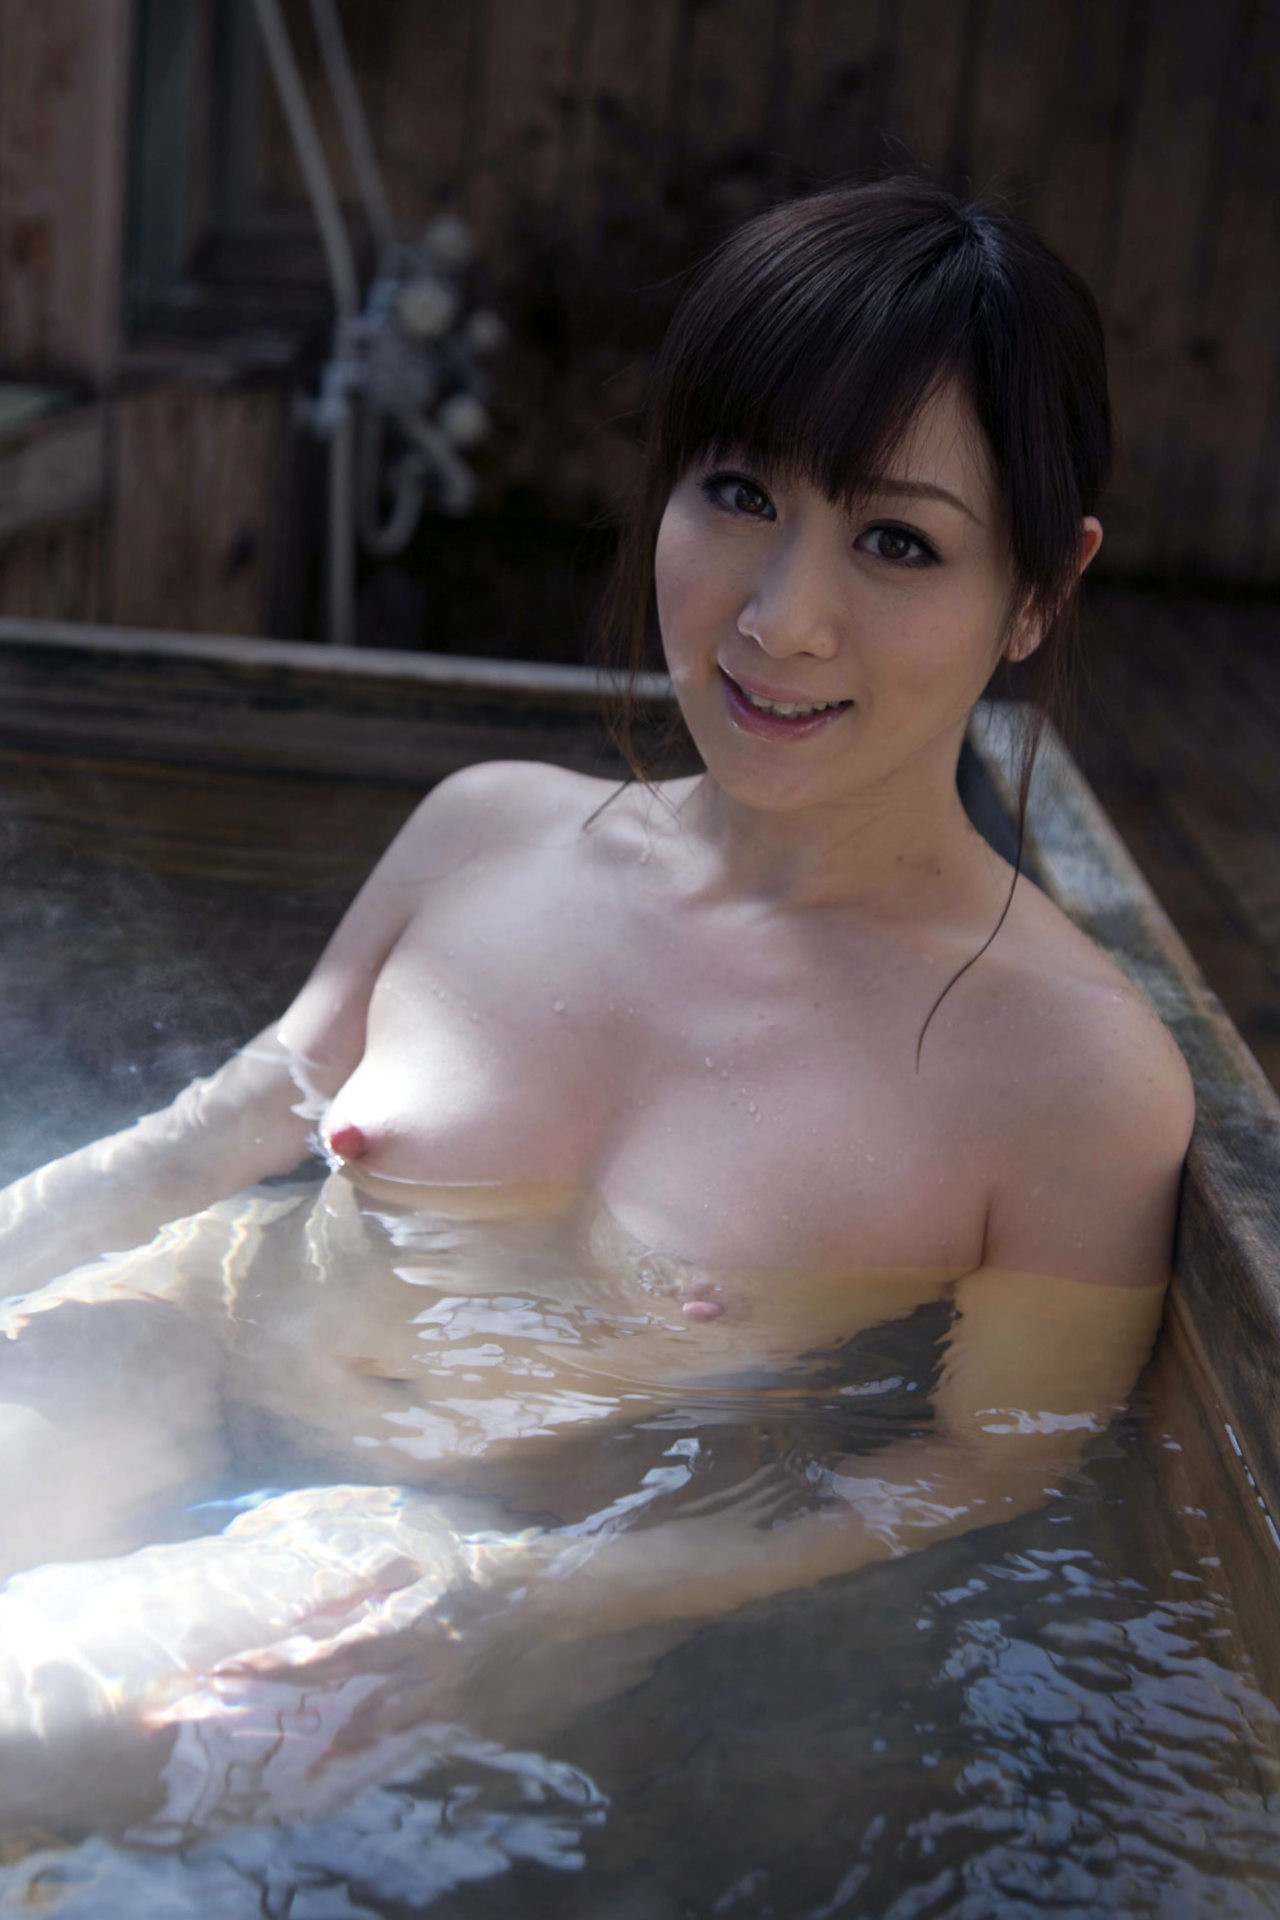 【美乳エロ画像】湯船に浮かんでフリーダムw入浴中の暖かそうな絶品おっぱい(*´Д`)